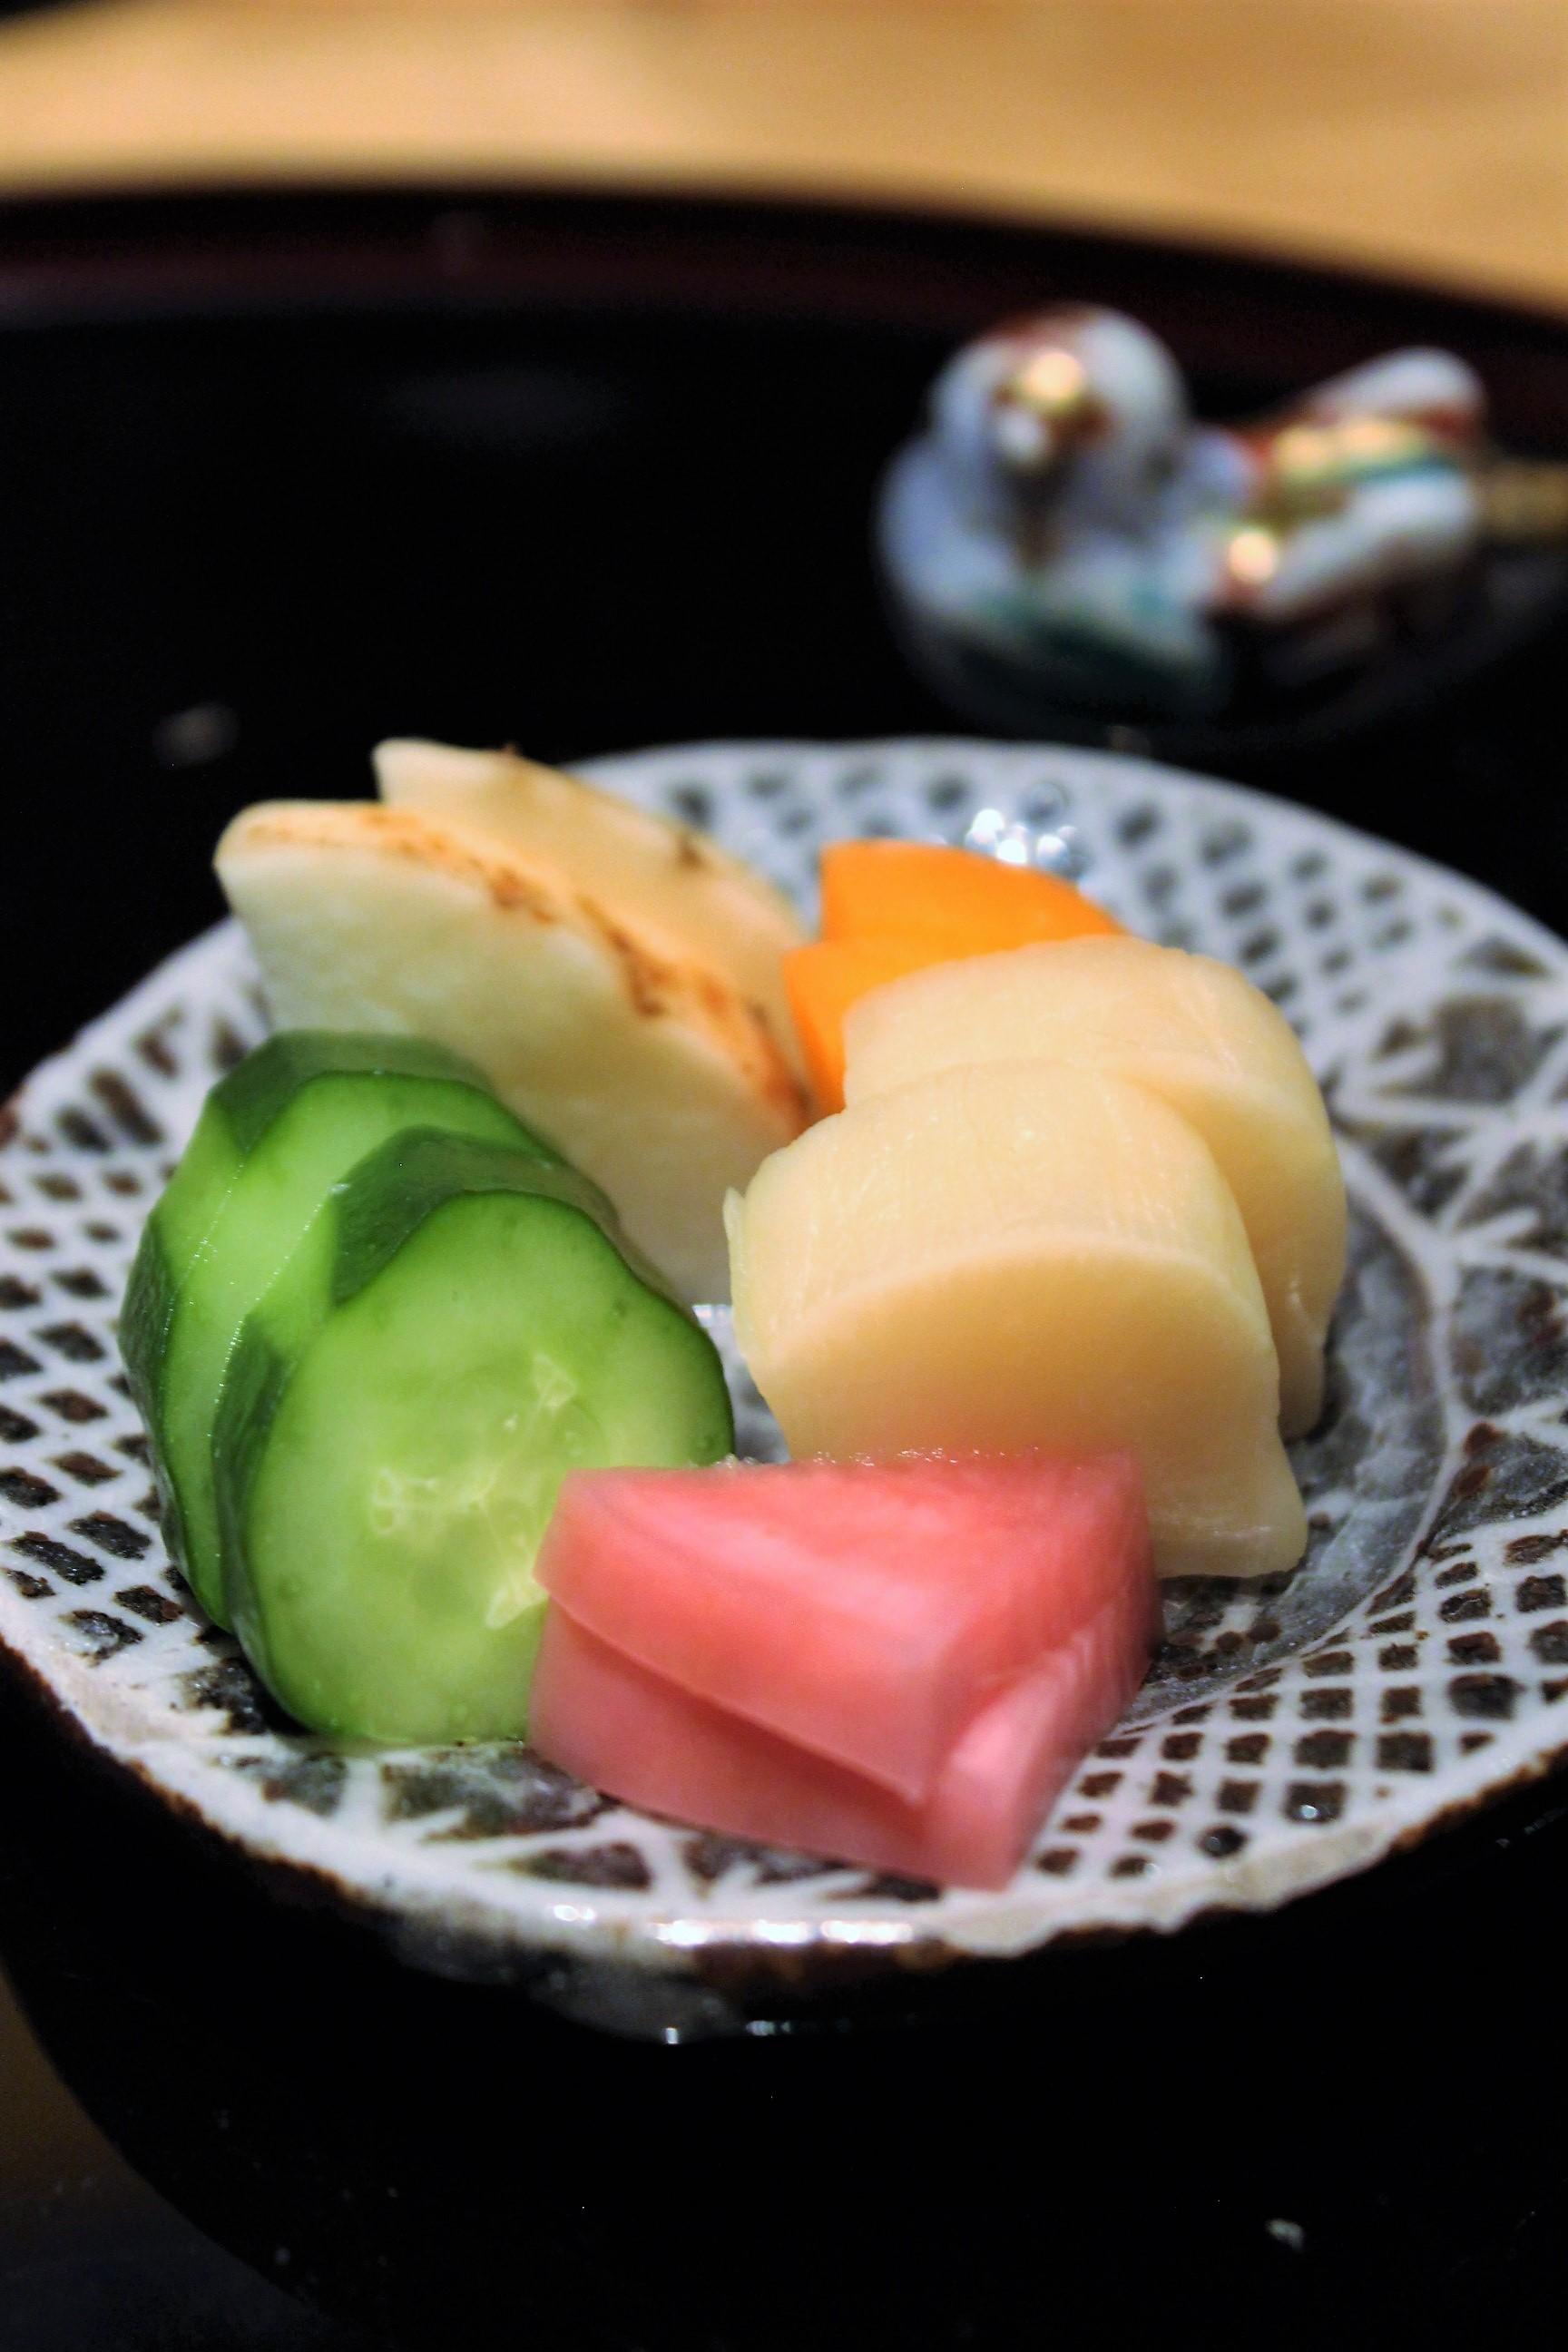 Pickled Vegetables at Kien in Tokyo, Japan